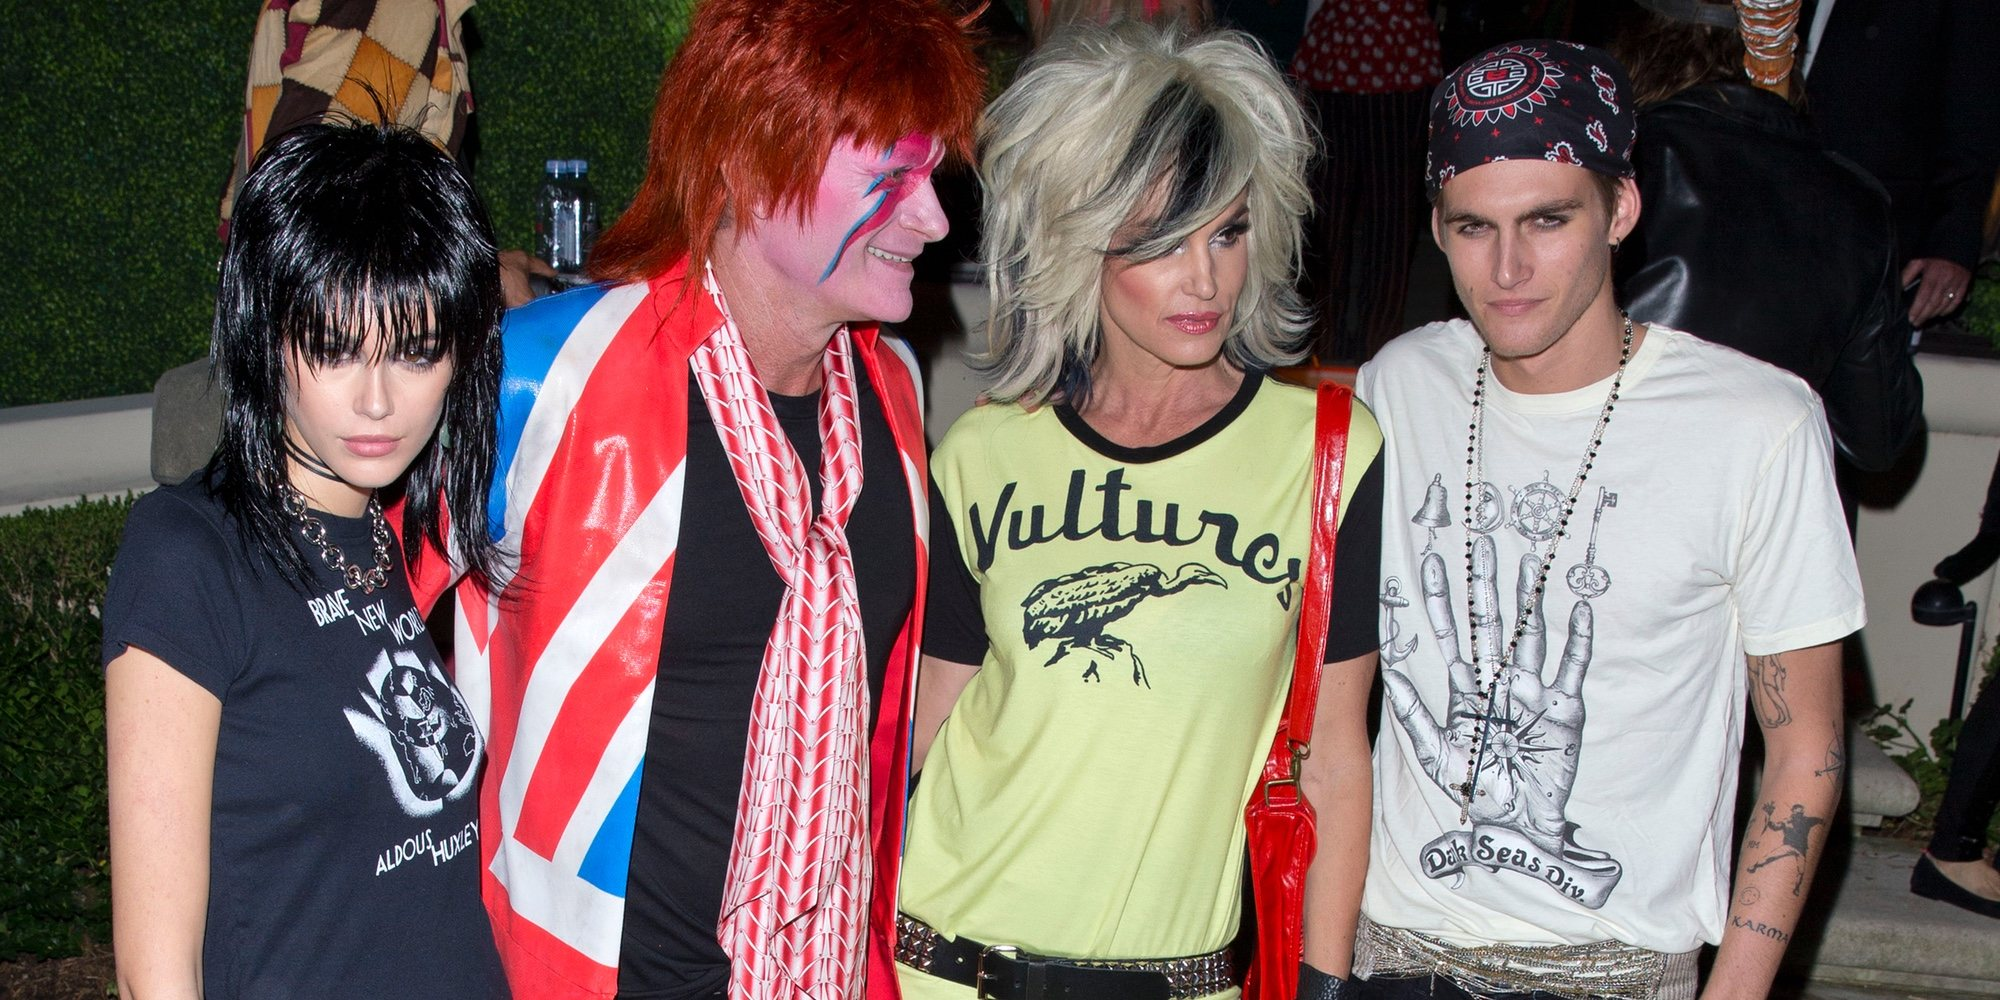 Cindy Crowford, Olympia de Grecia o Dulceida: Así es como los famosos celebran la fiesta de Halloween